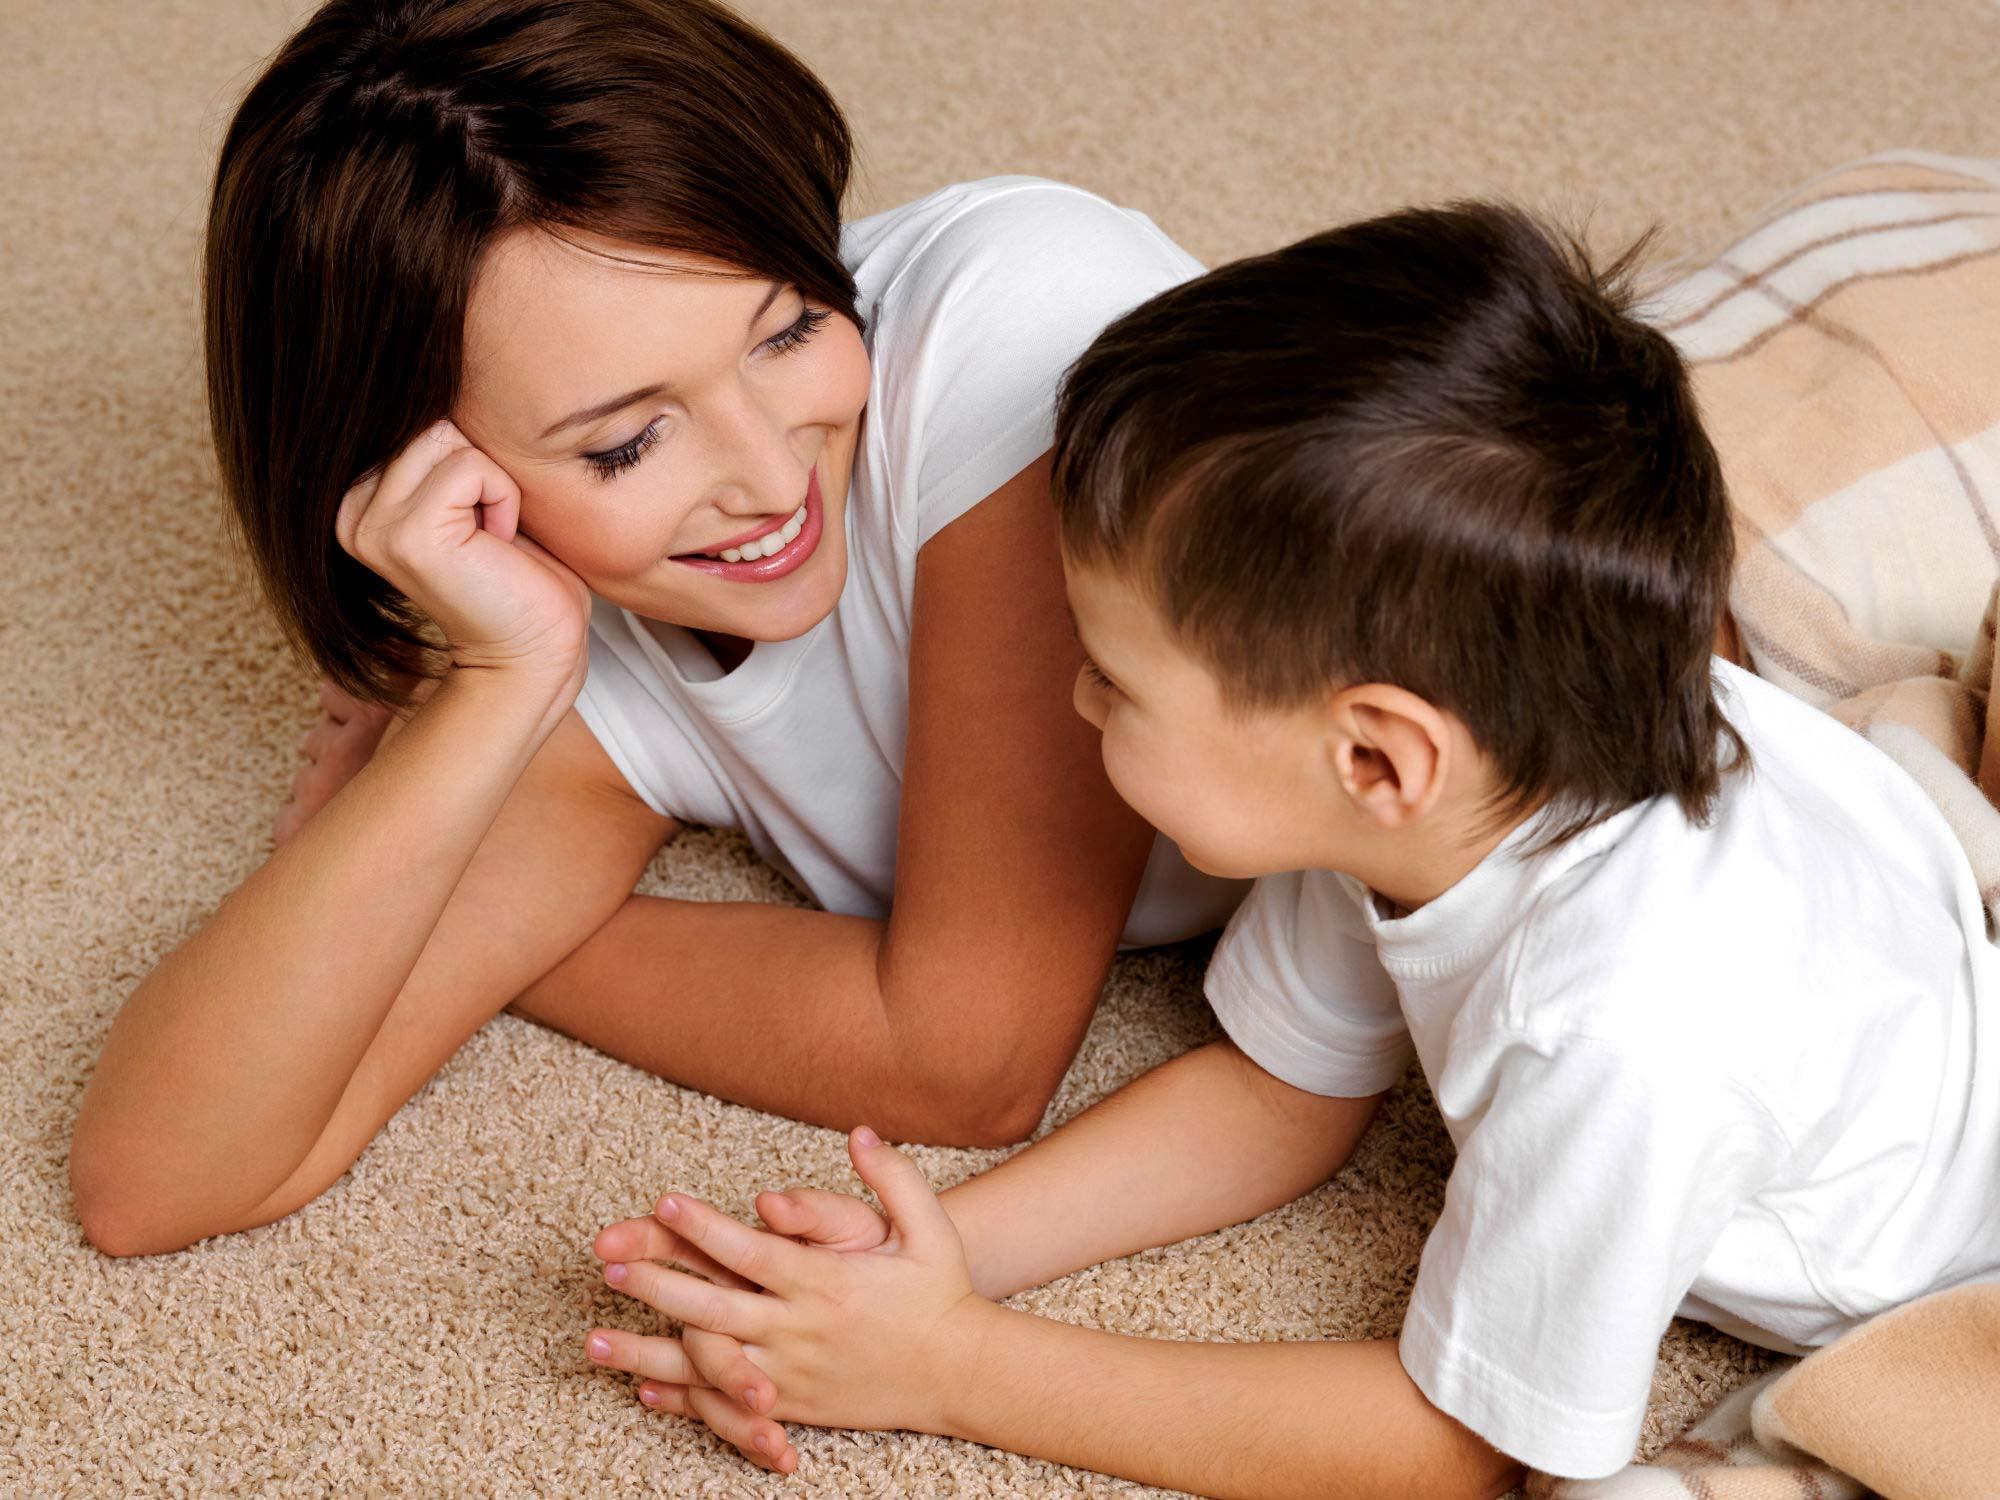 perda-auditiva-criancas